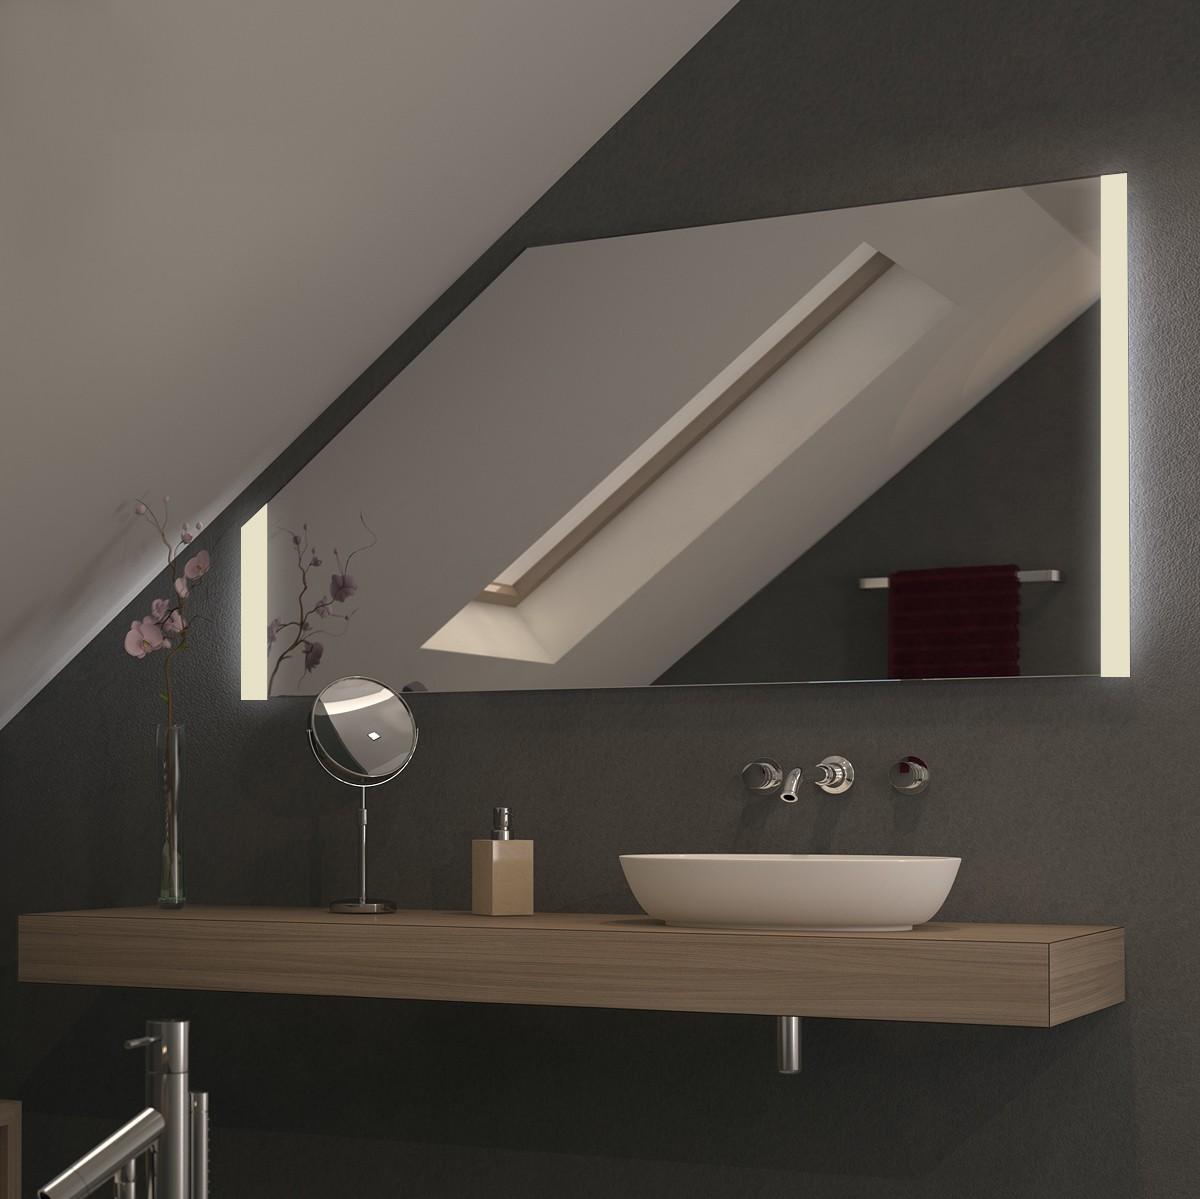 Spiegel für Dachschrägen mit LED Beleuchtung Sidus